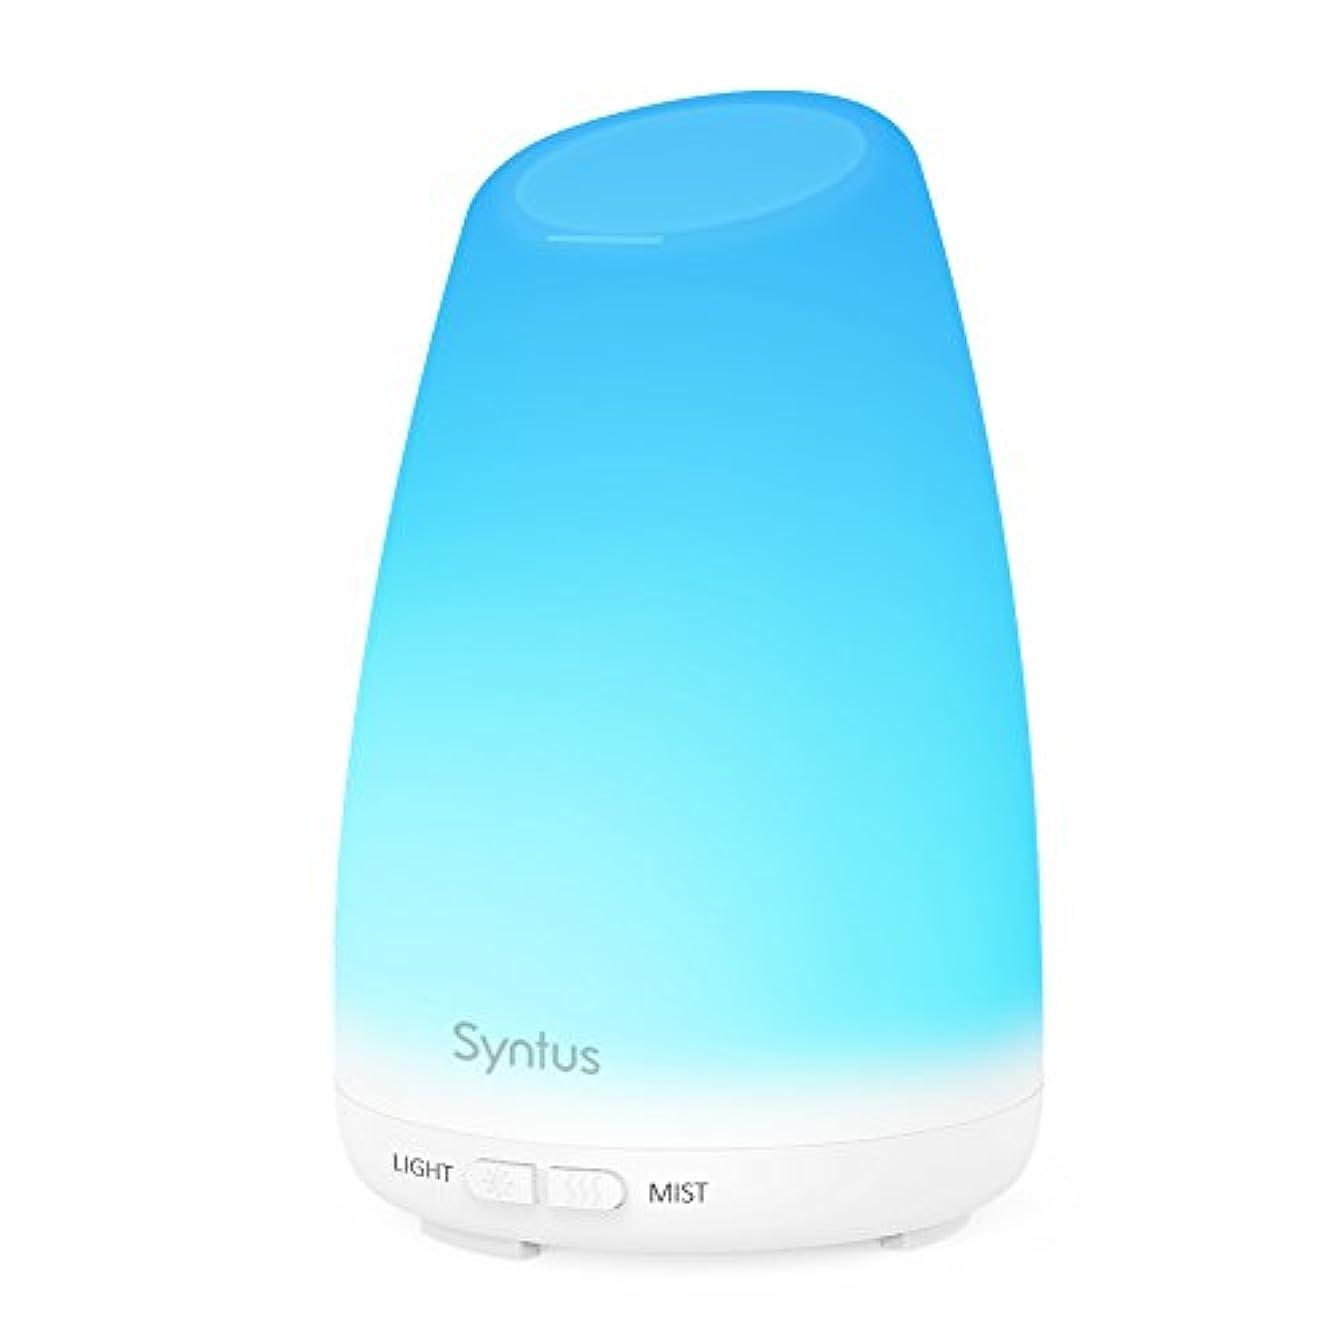 とのぞき穴証言するSyntus 150ml エッセンシャルオイルディフューザー ポータブル超音波式アロマセラピーディフューザー 7色に変わるLEDライト 変更可能なミストモード 水切れ自動停止機能